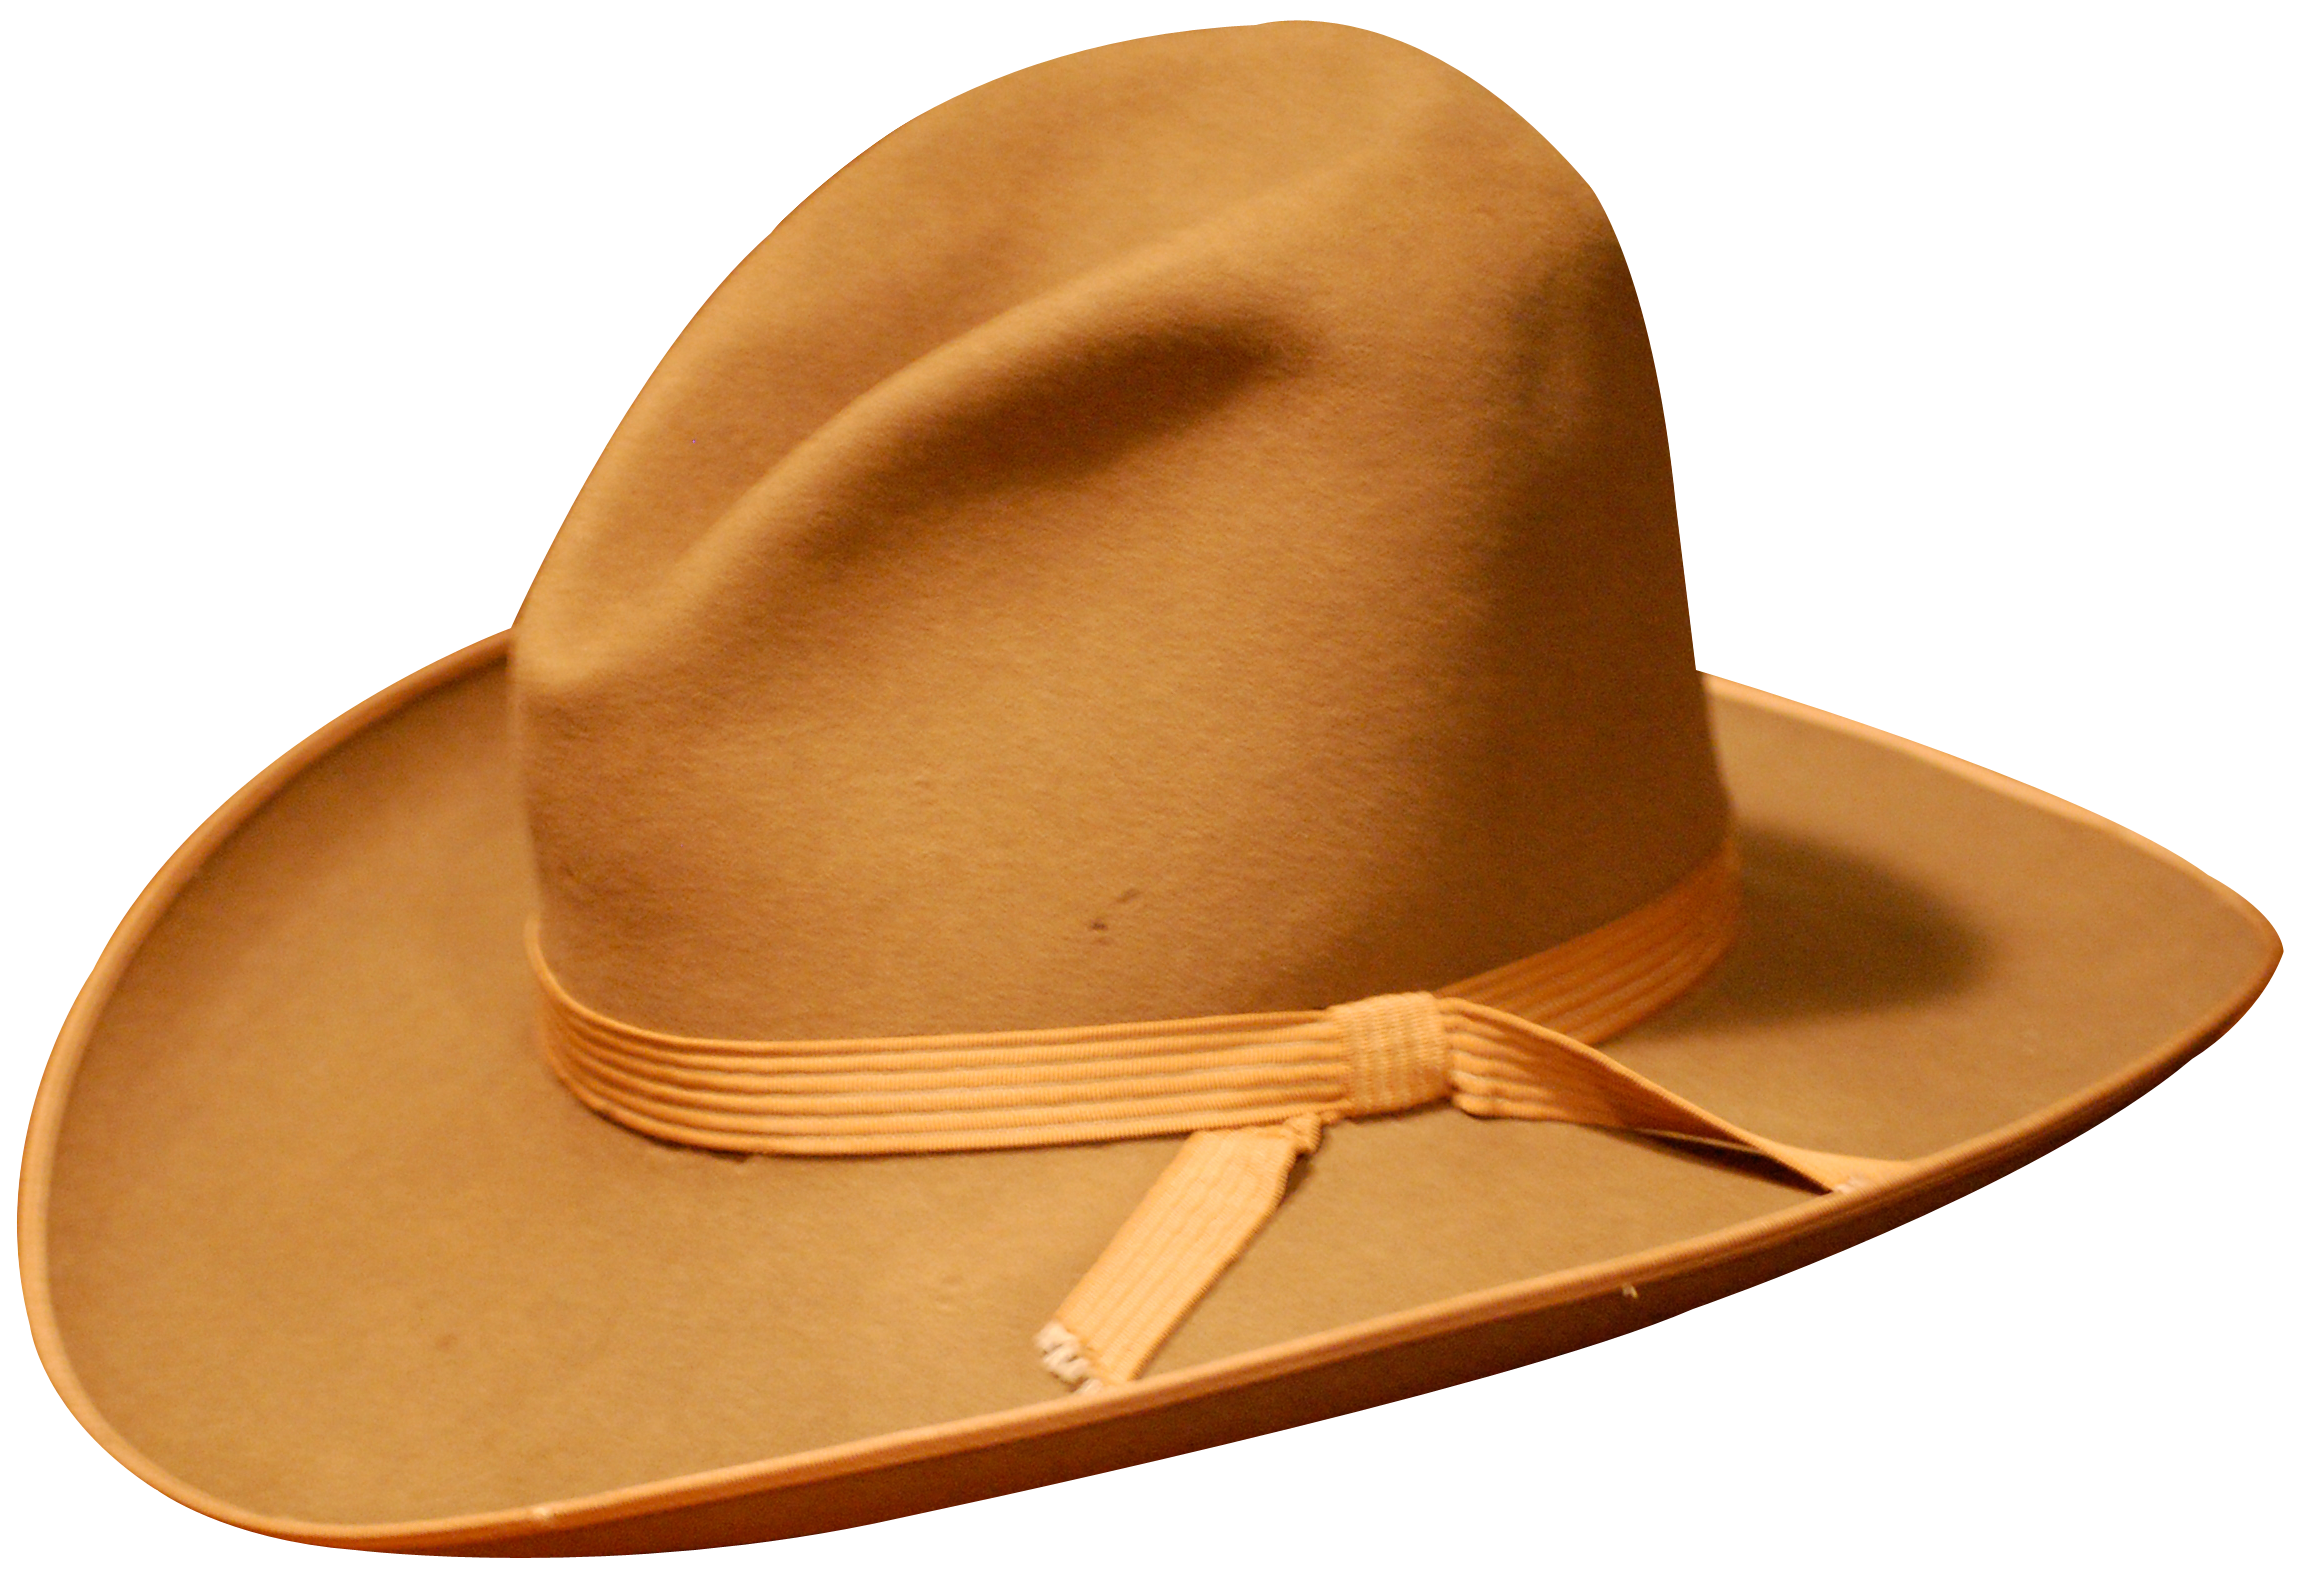 Hat PNG-PlusPNG.com-2302 - Hat PNG